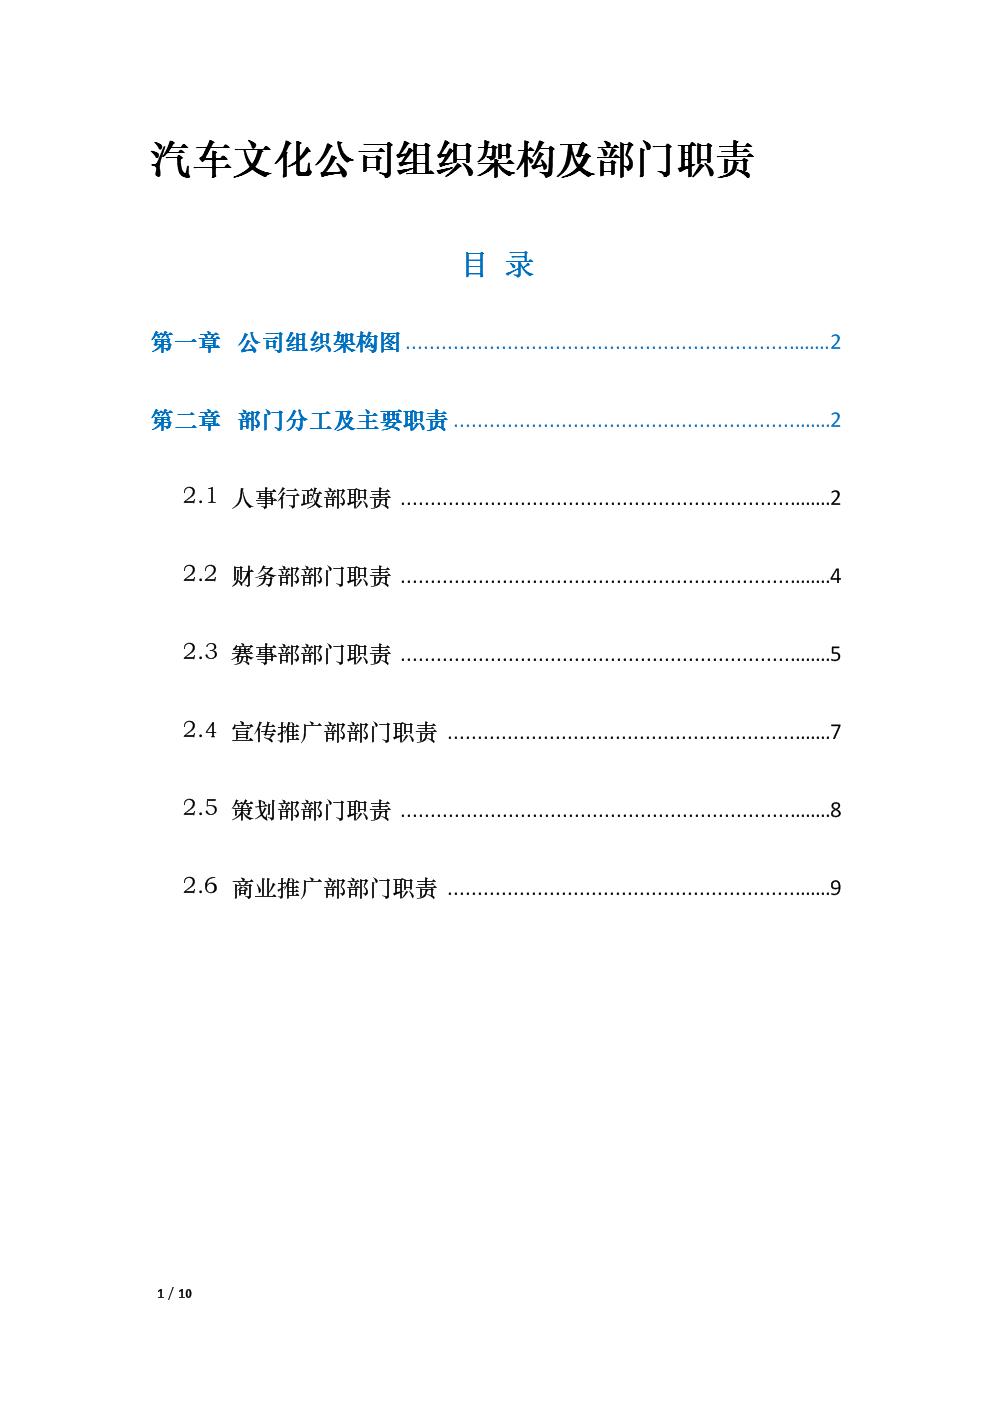 汽车文化公司组织架构及部门职责 【精品 推荐】.docx